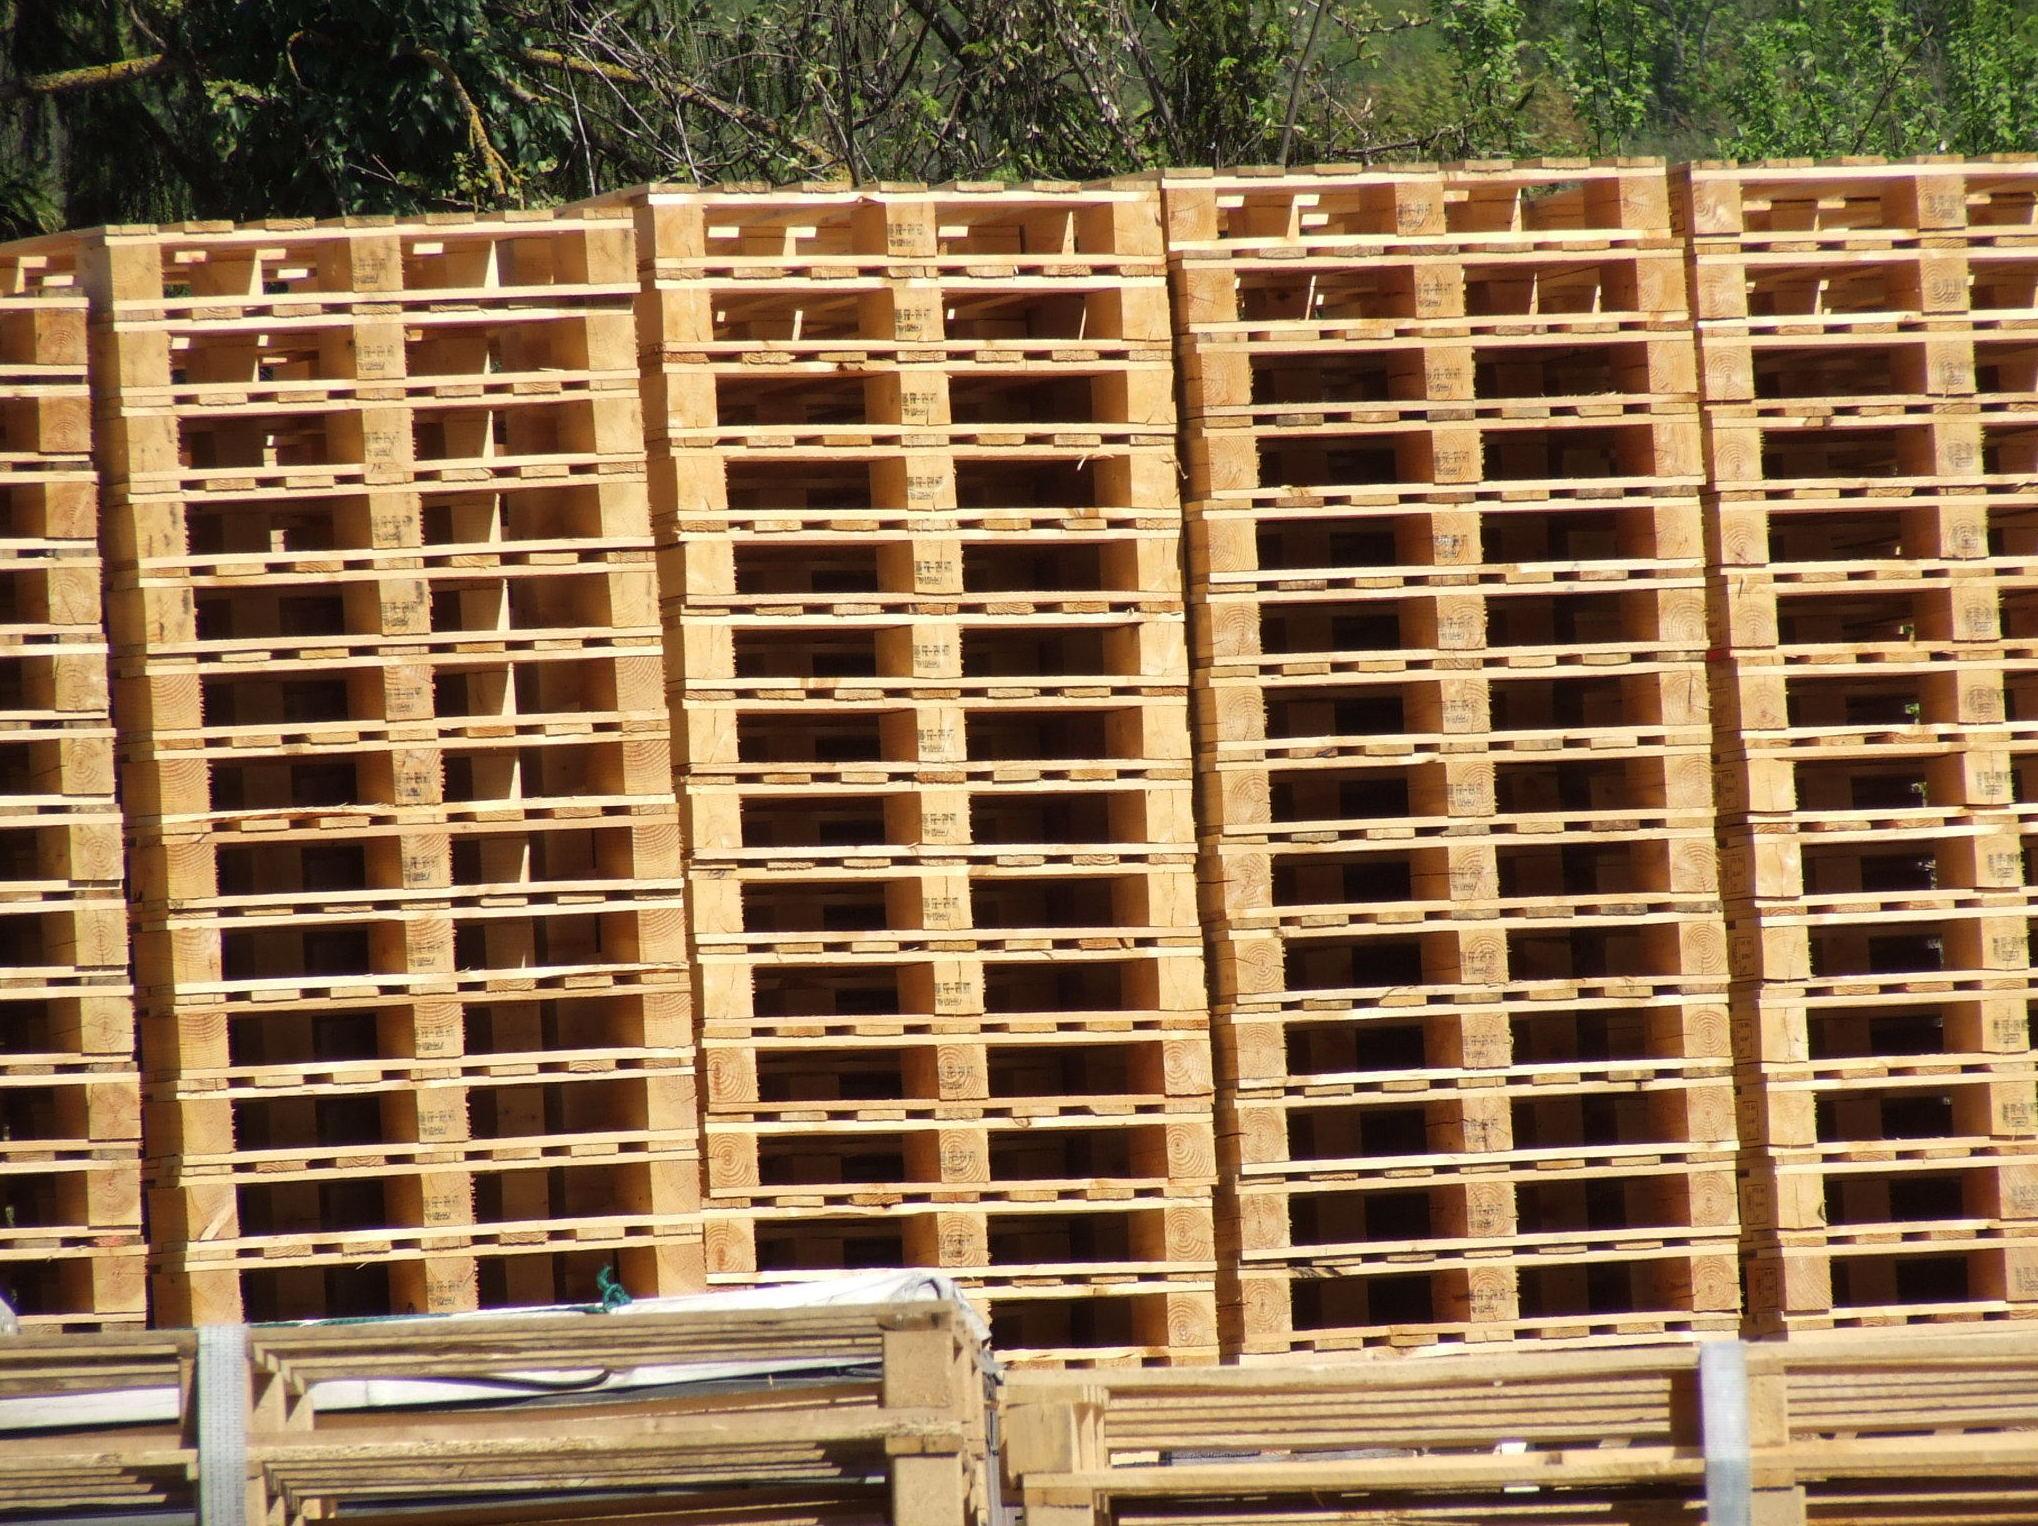 Palets de madera europeos Alcalá de Henares